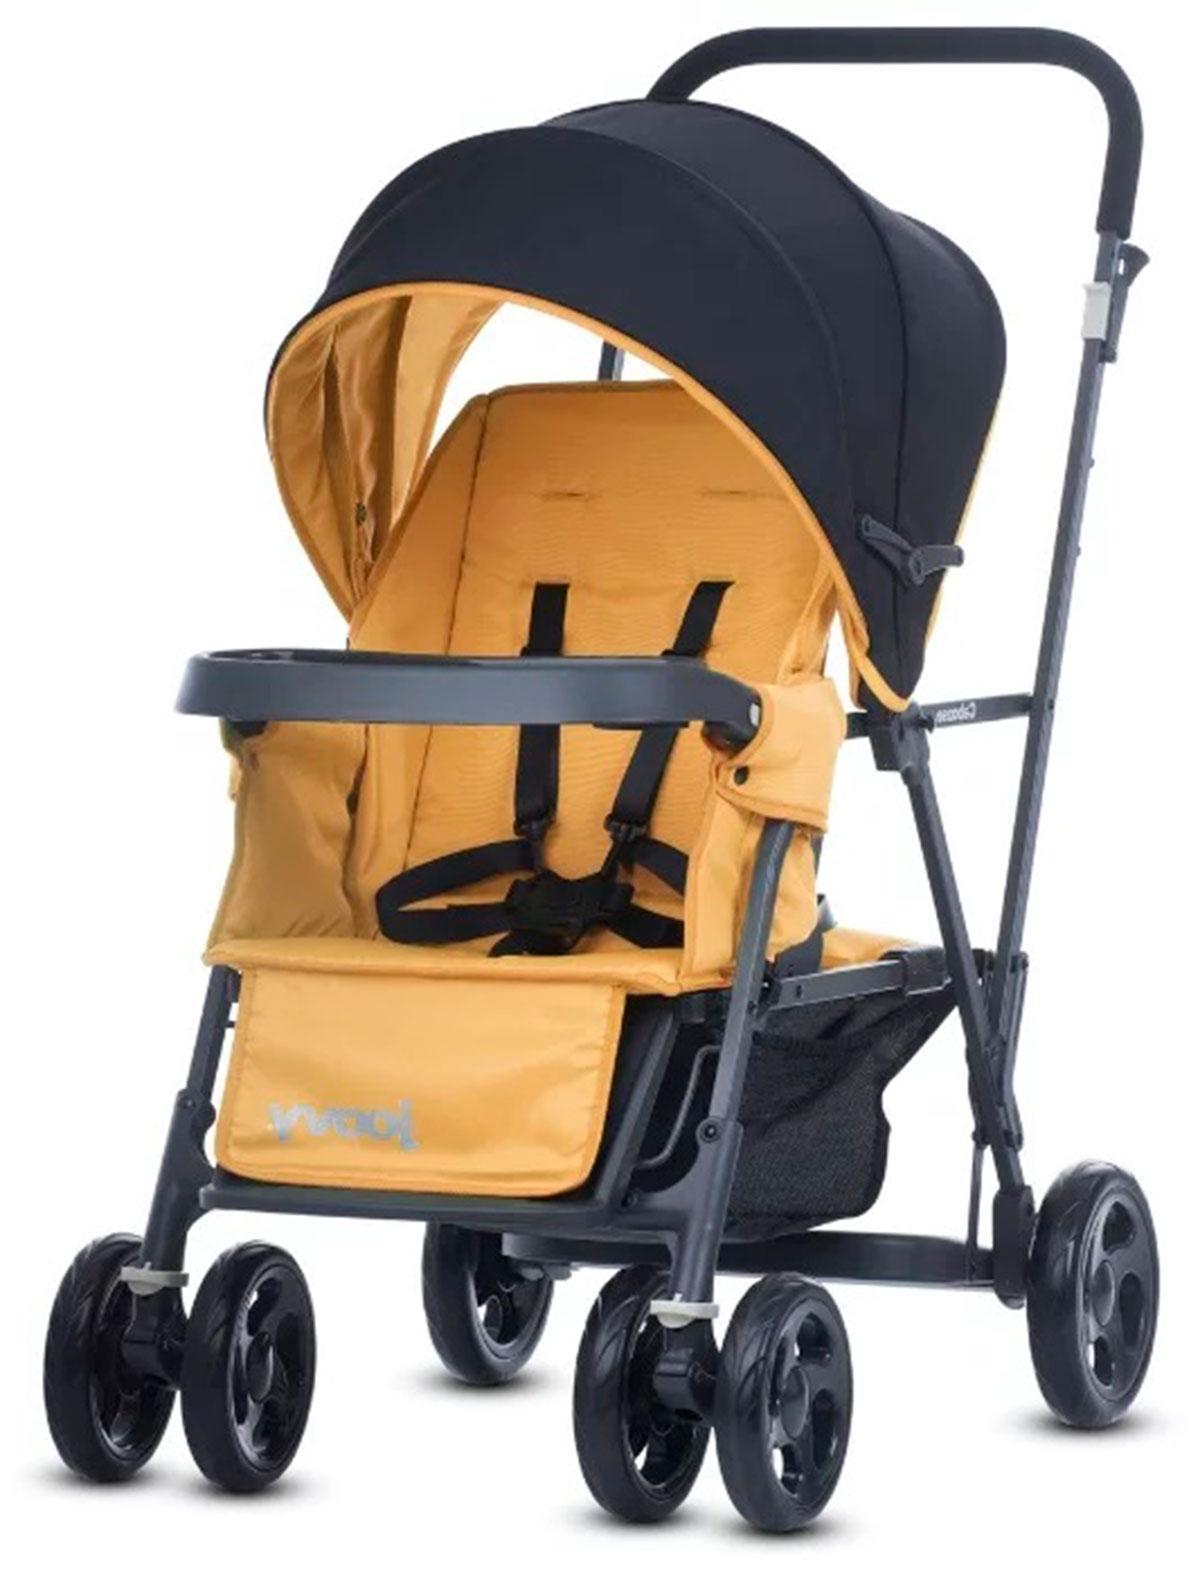 Купить 2337055, Коляска Joovy, желтый, 4004529180232